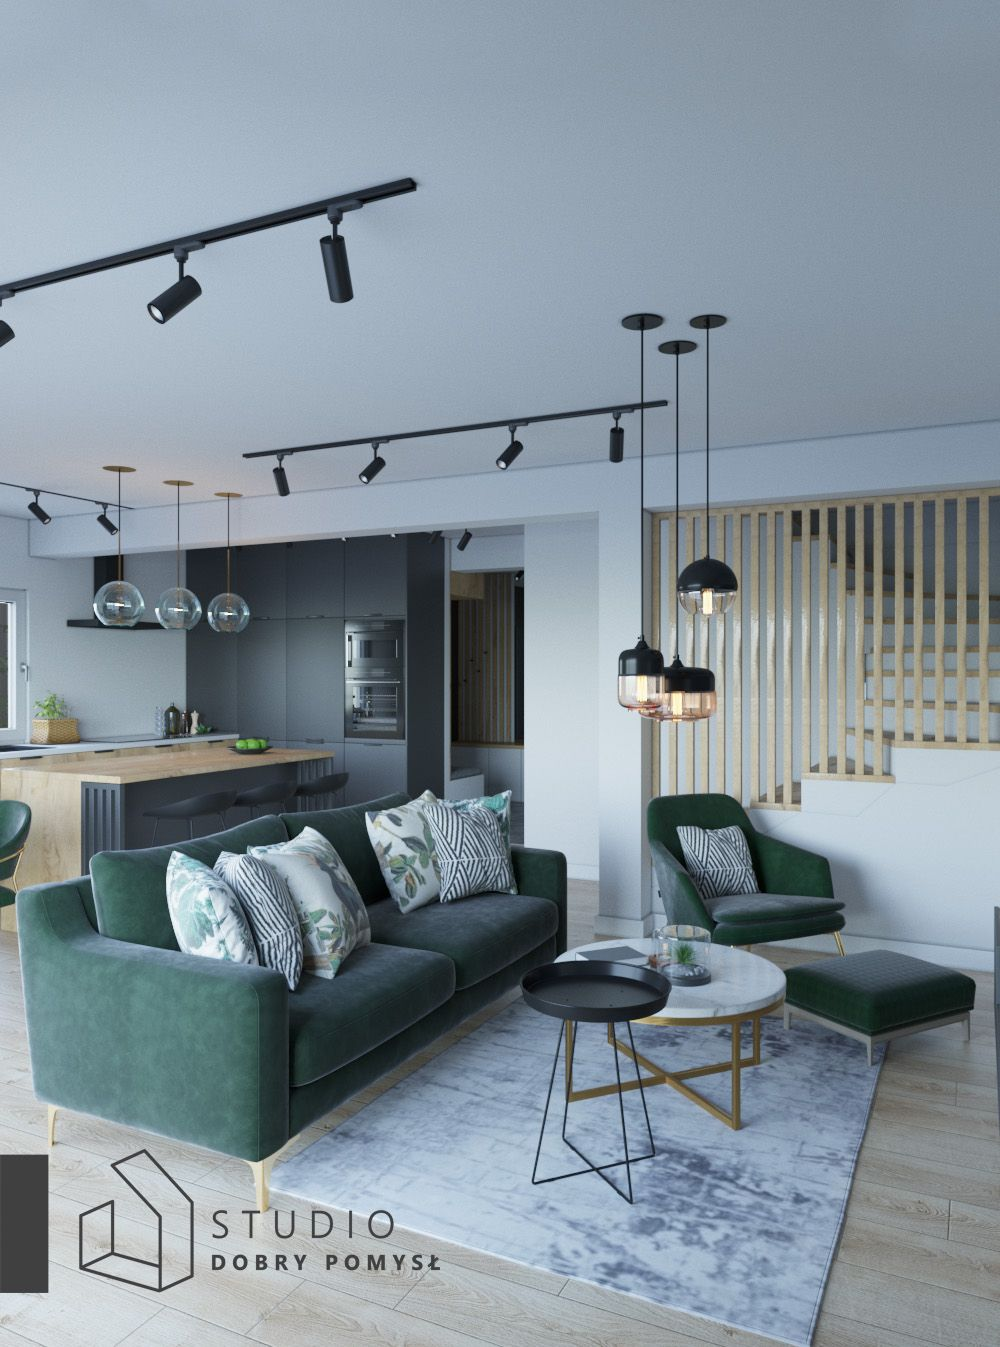 nowoczesny salon z zieloną sofą